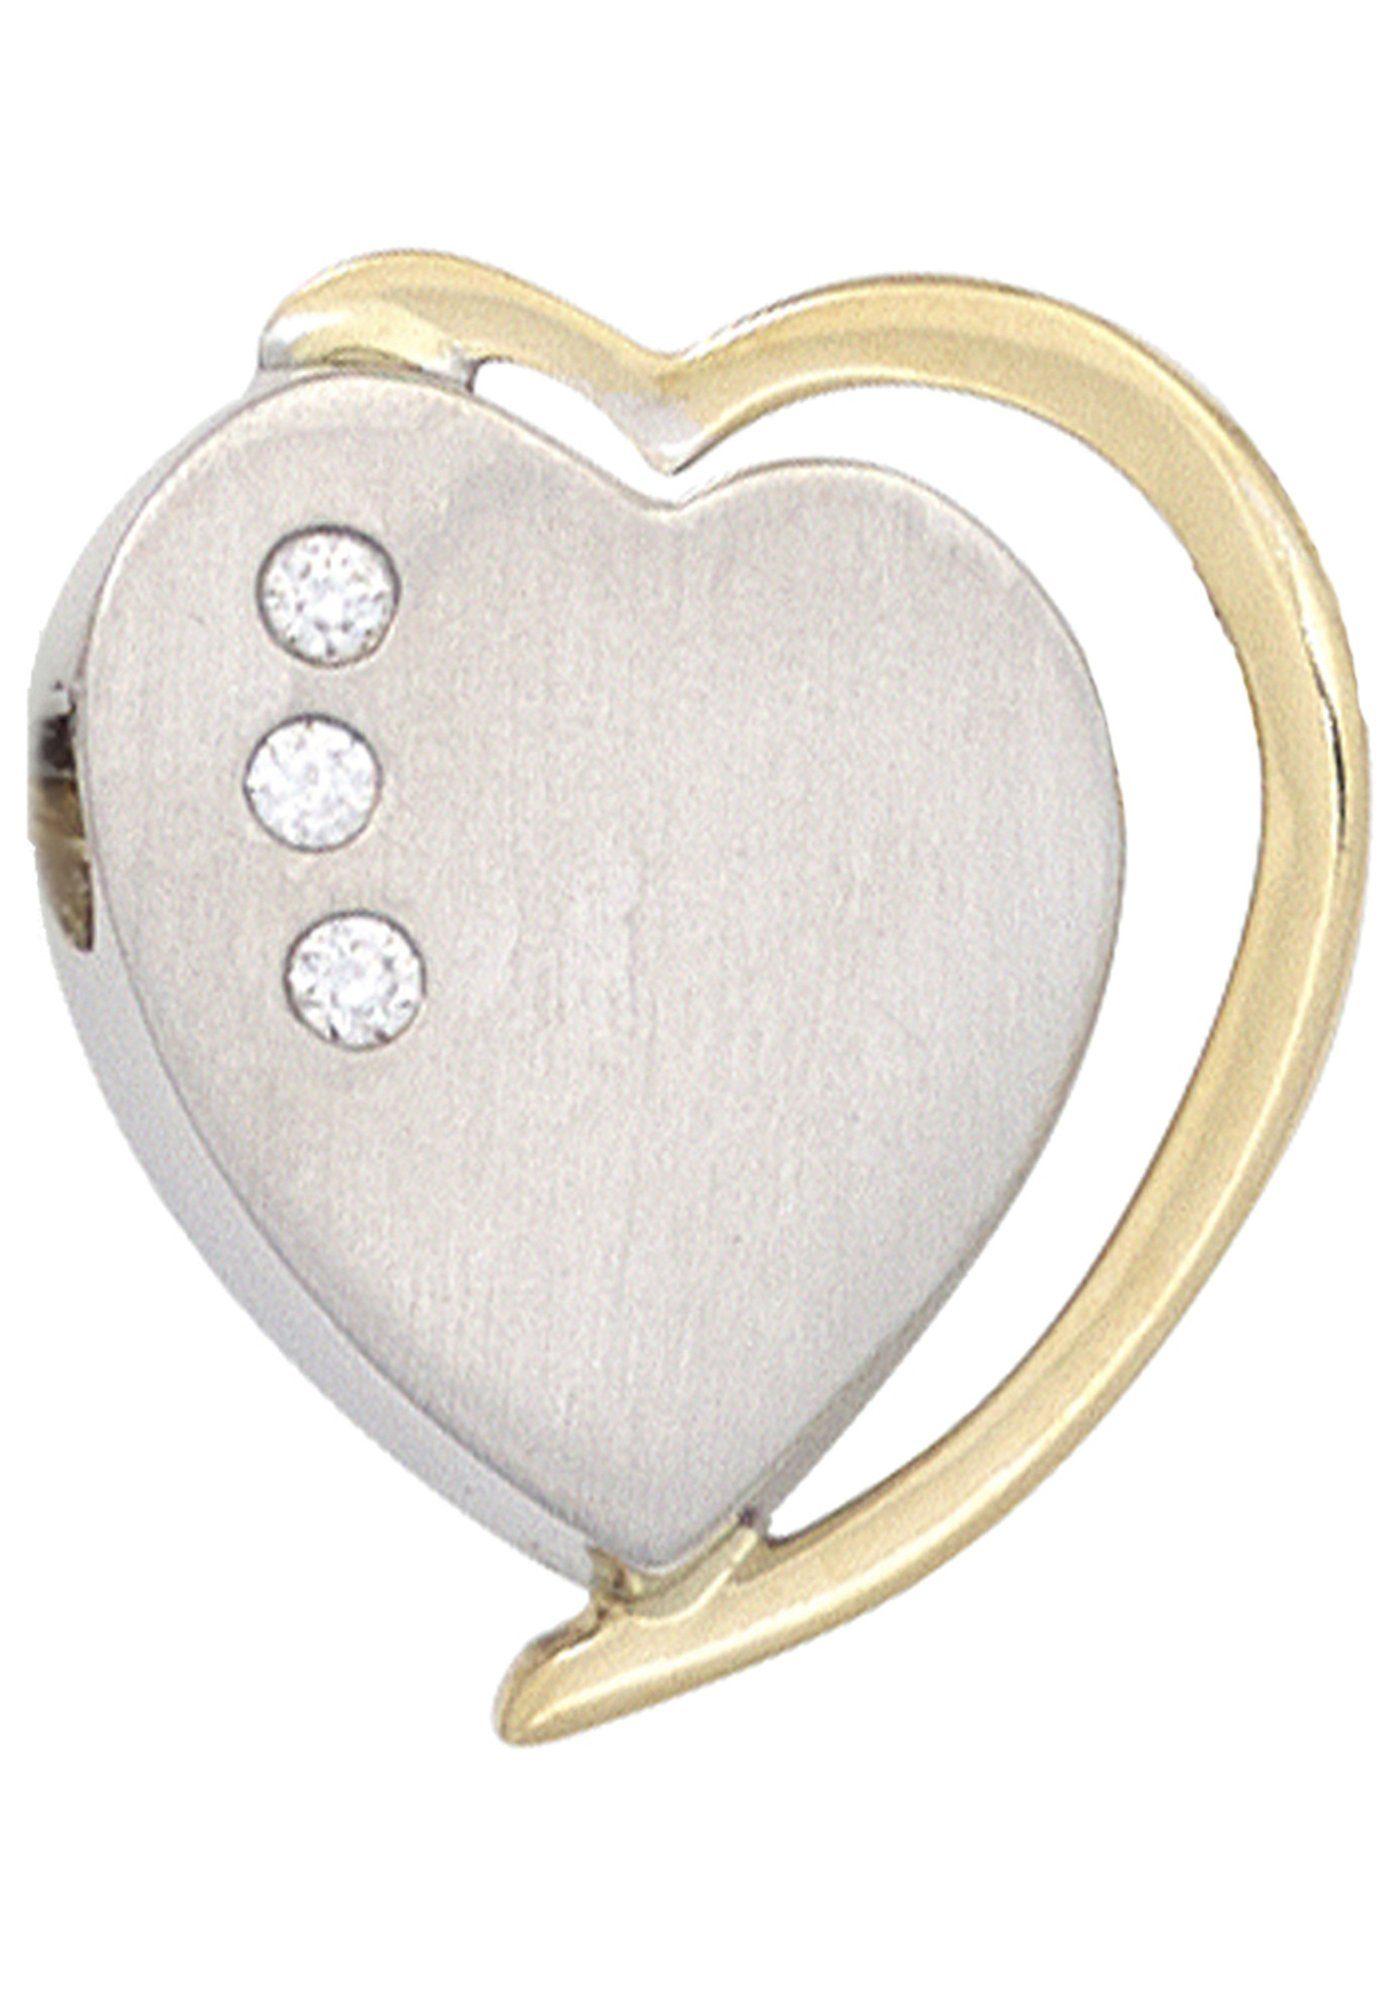 JOBO Herzanhänger »Herz« 585 Gold bicolor mit 3 Diamanten